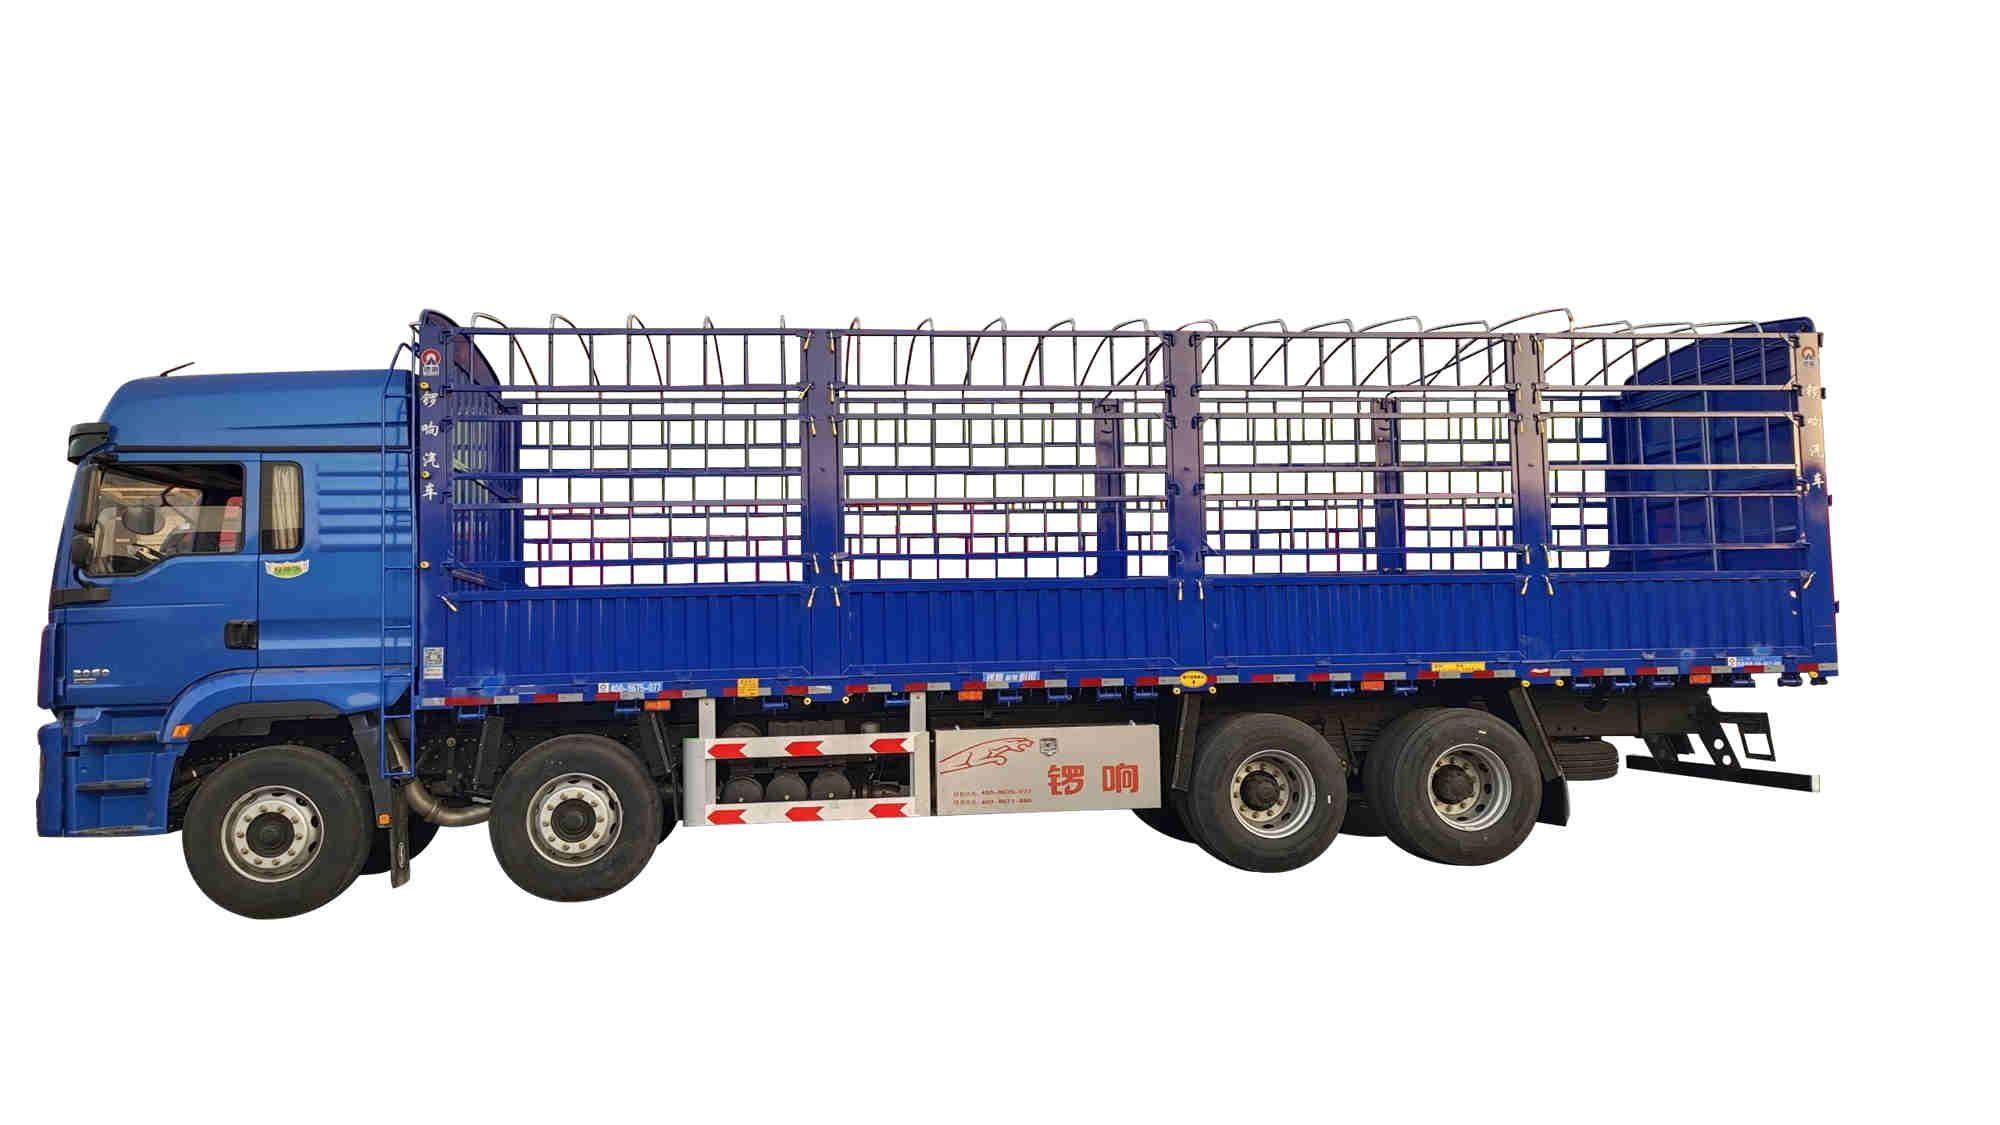 鑼響載貨車 9米6倉柵式載貨車 鋁合金工具箱 半掛車生產